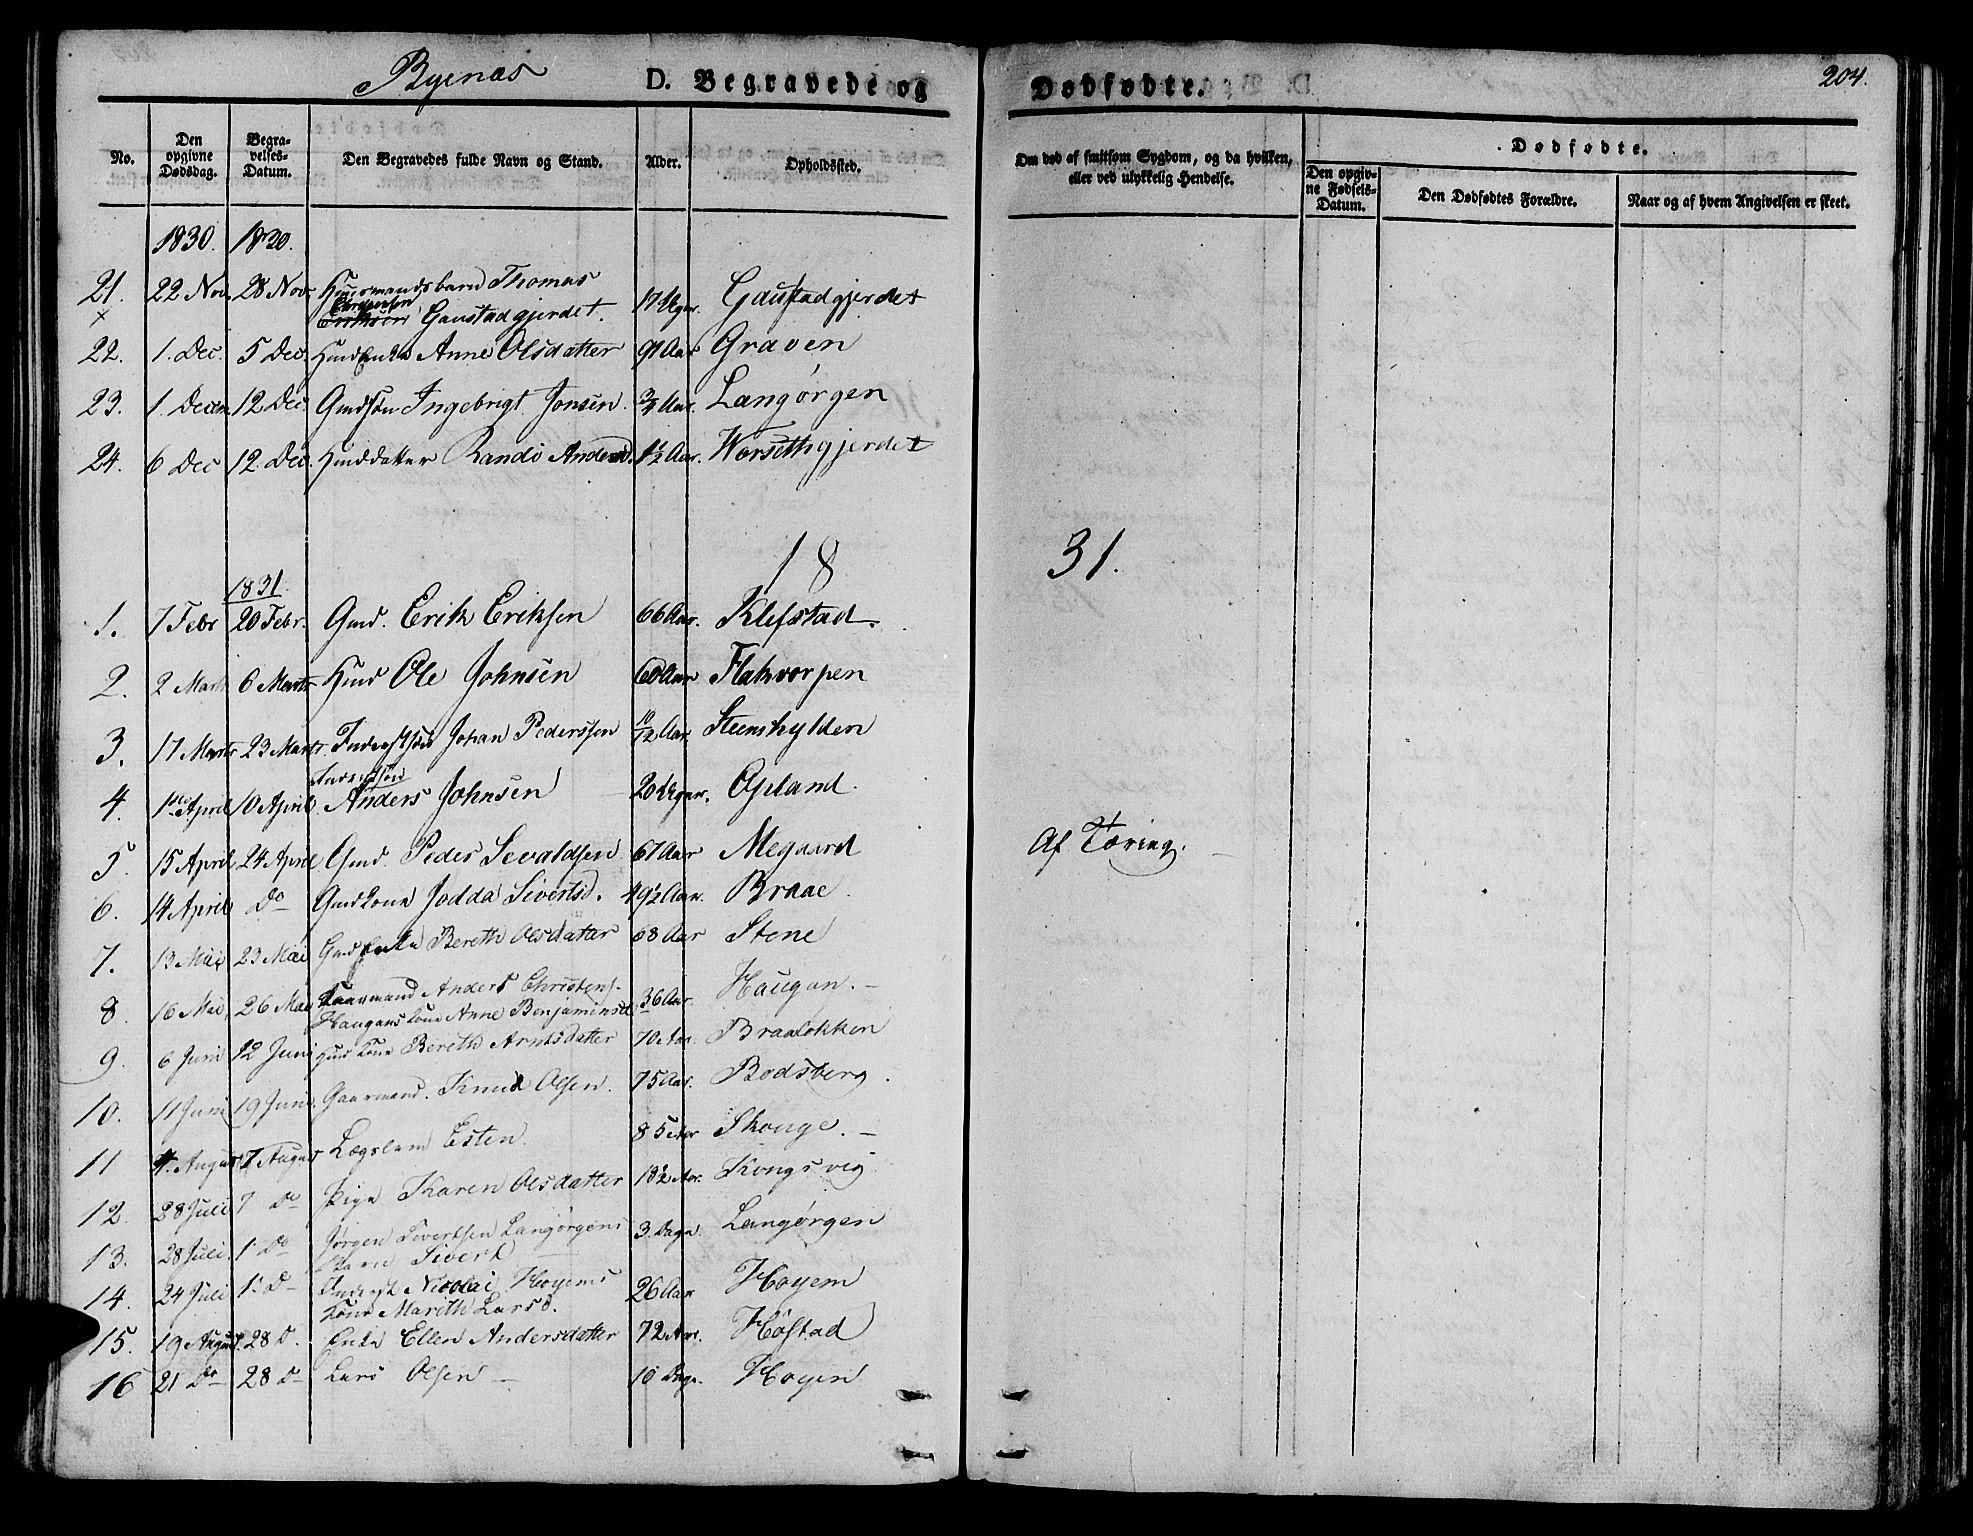 SAT, Ministerialprotokoller, klokkerbøker og fødselsregistre - Sør-Trøndelag, 612/L0374: Ministerialbok nr. 612A07 /1, 1829-1845, s. 204